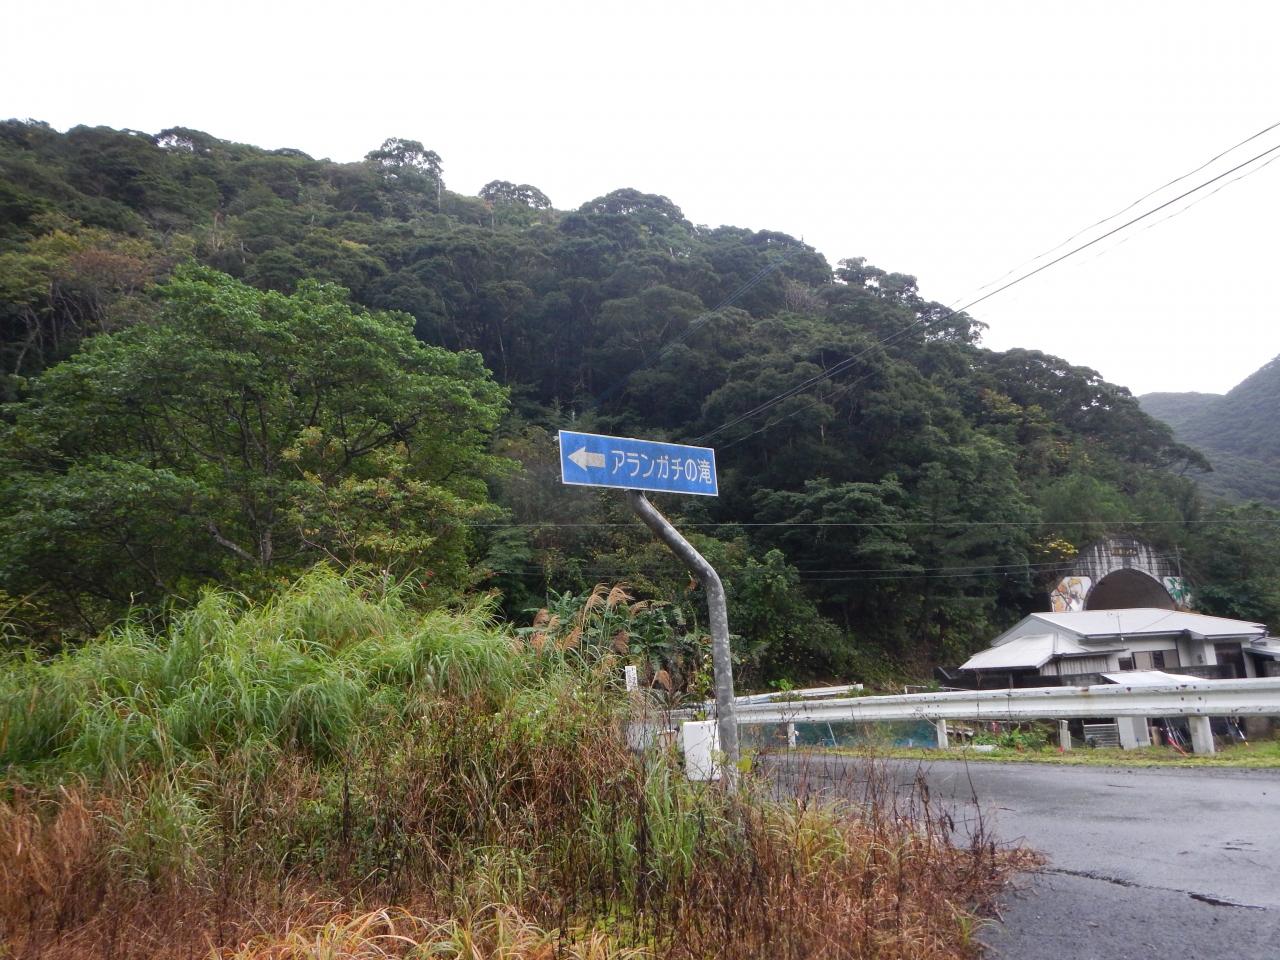 アランガチの滝へ向かう標識